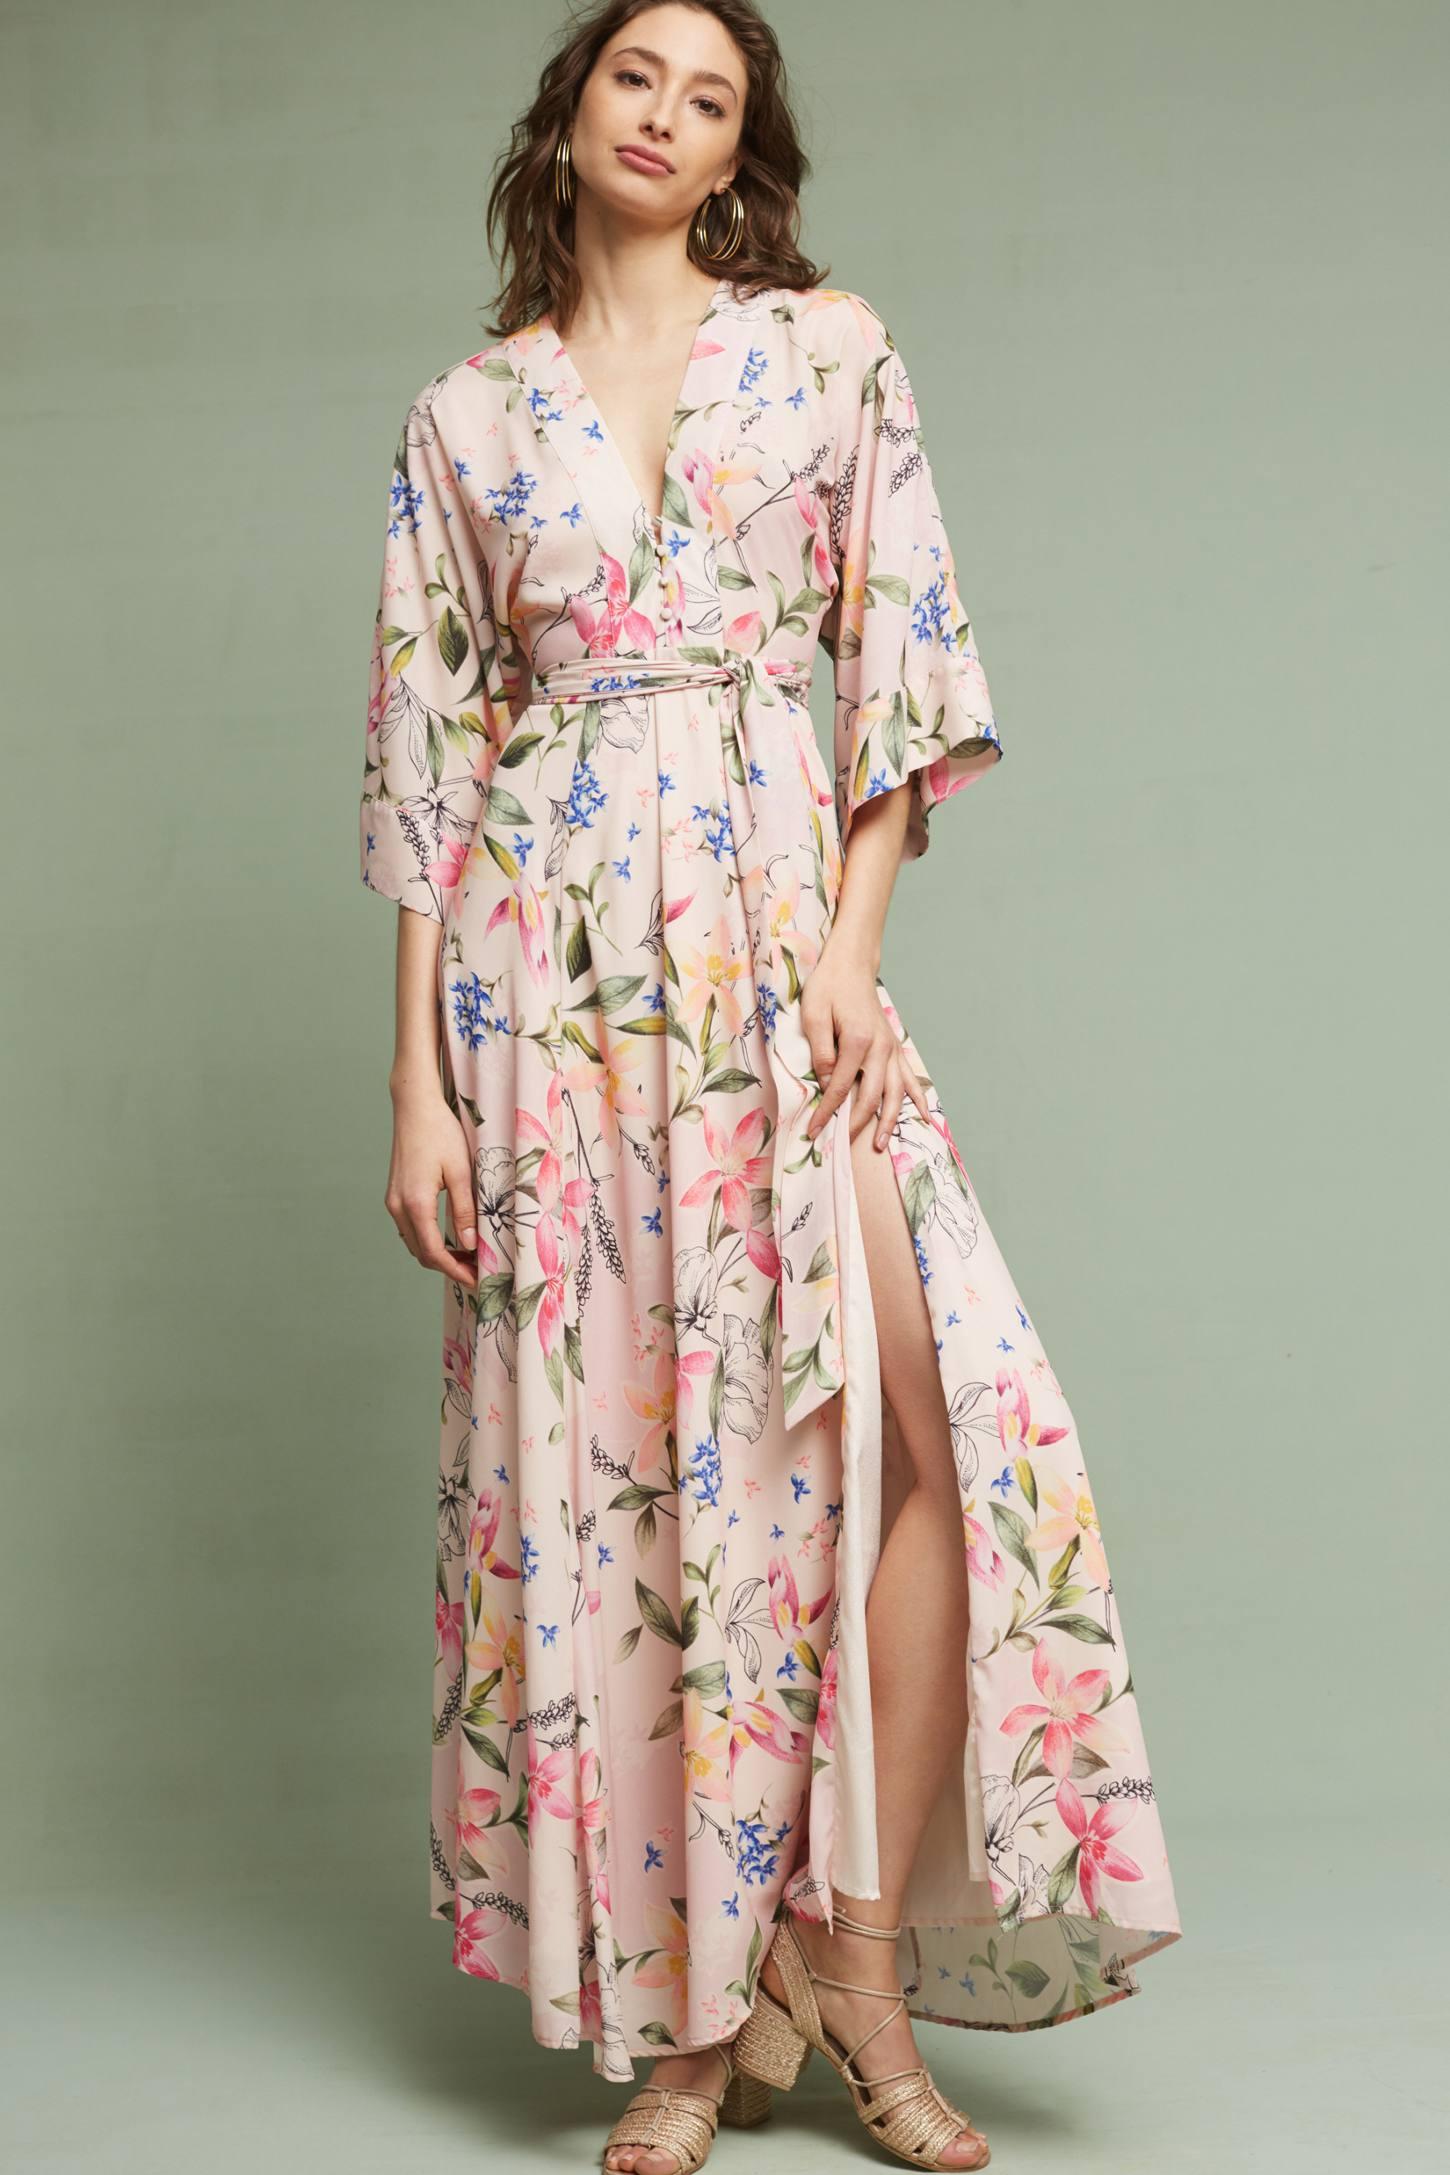 Floral Kimono Maxi Dress Anthropologie